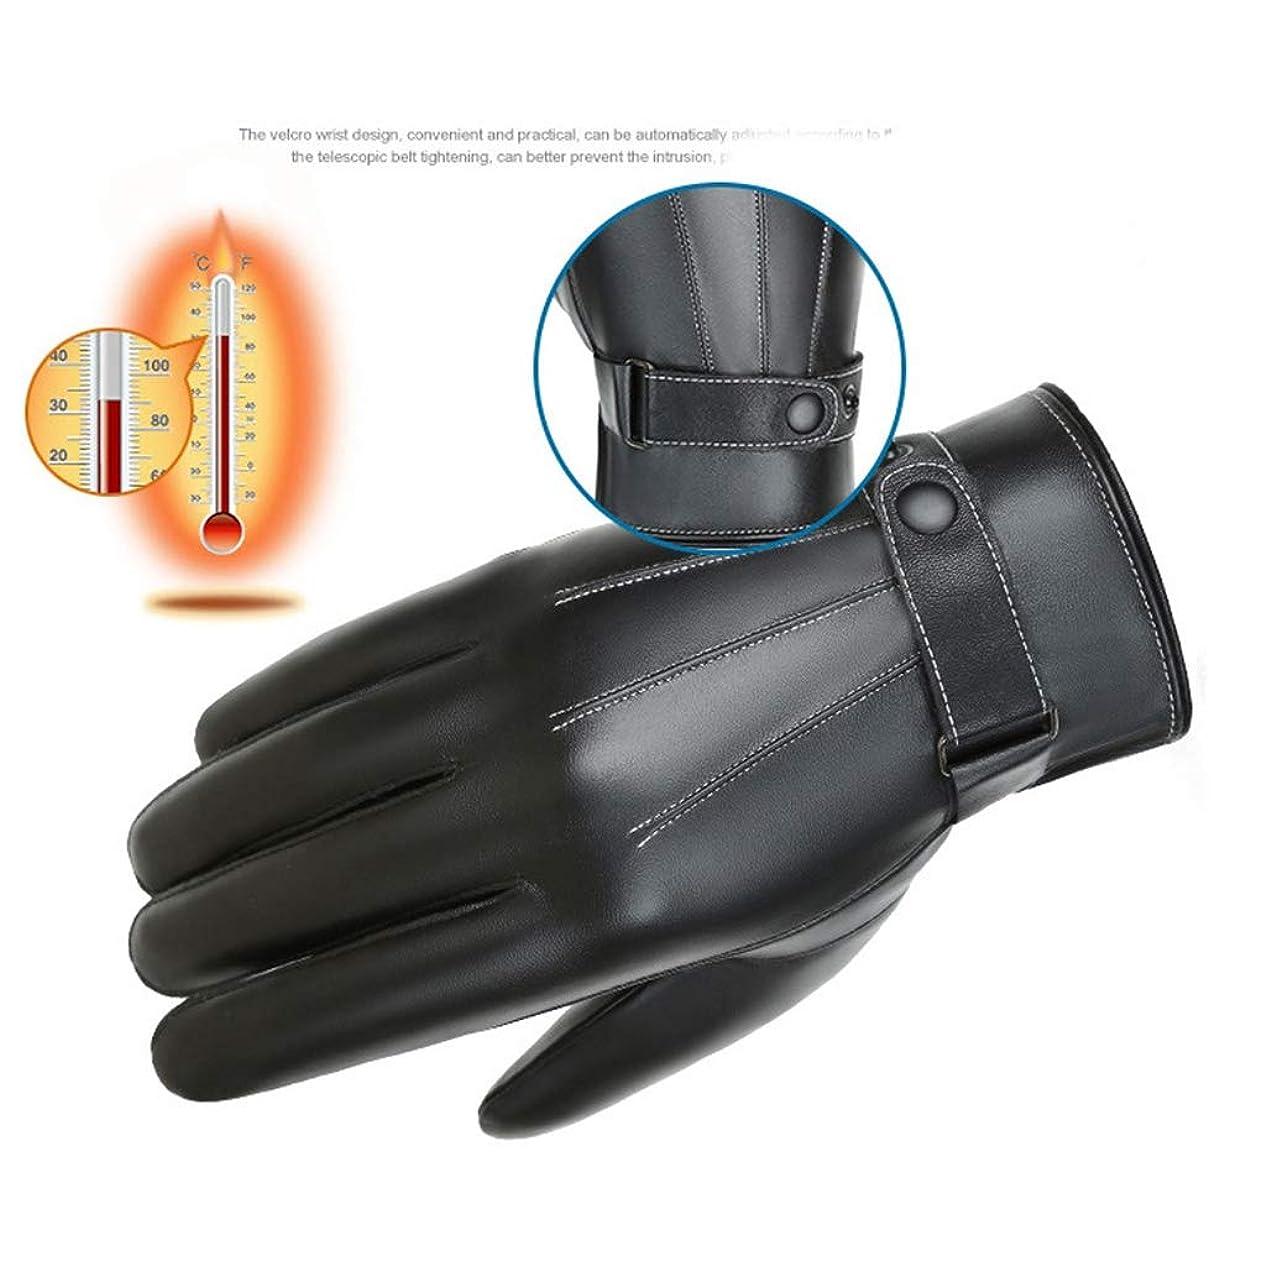 雇う廃止たらいタッチスクリーンのメンズグローブ冬プラスベルベット厚い暖かい防風防水ライドバイクバイクの乗り物の手袋